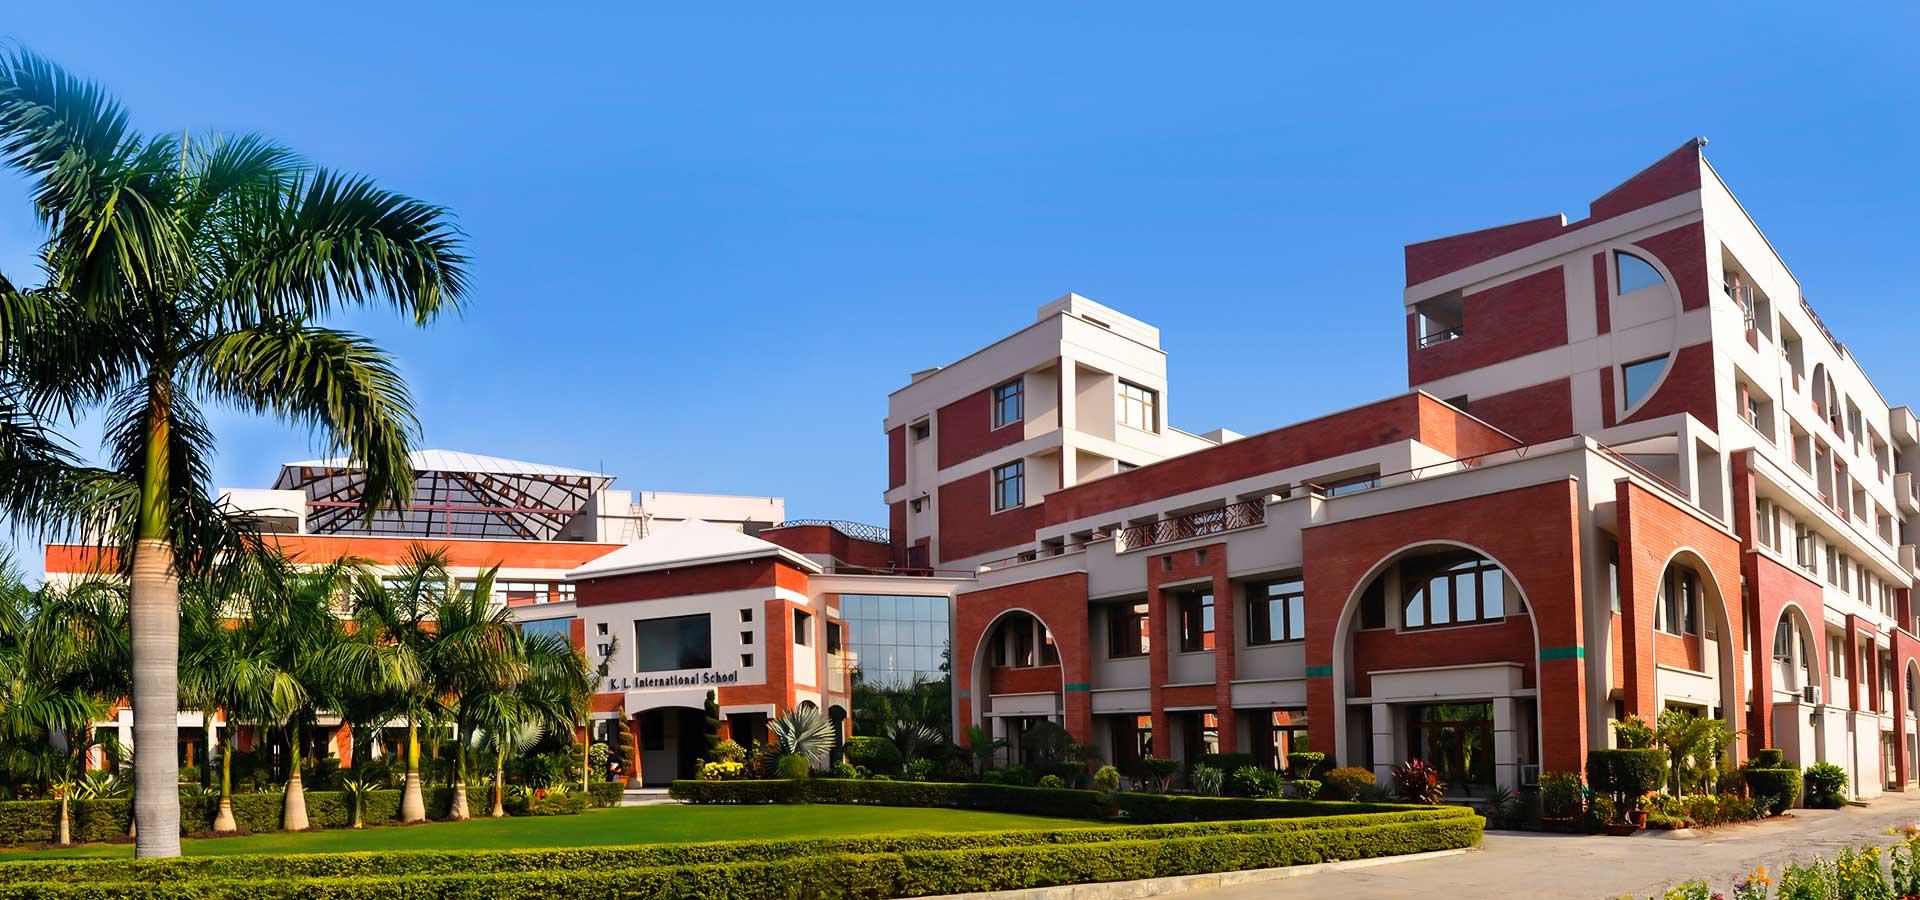 KL International School